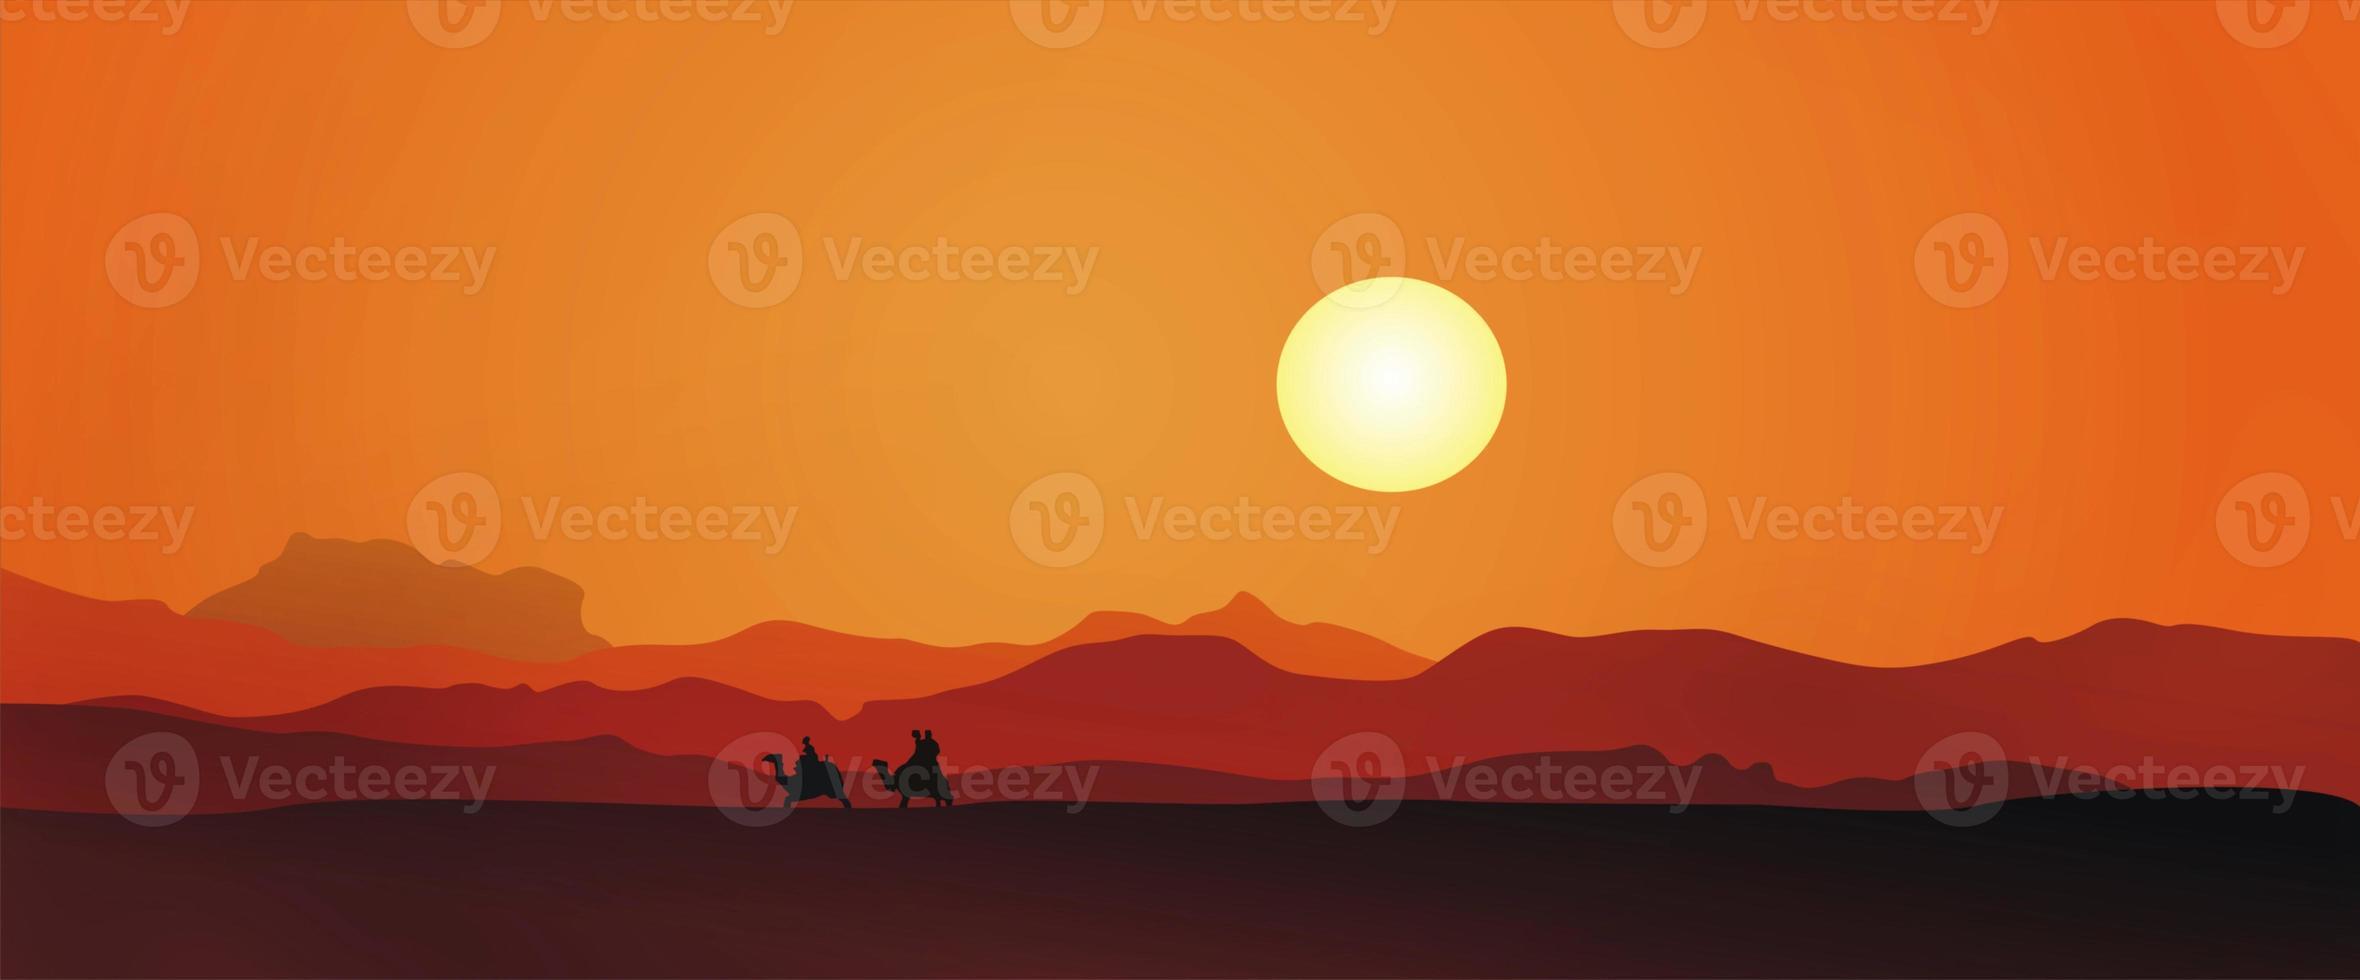 Egipto puesta de sol foto